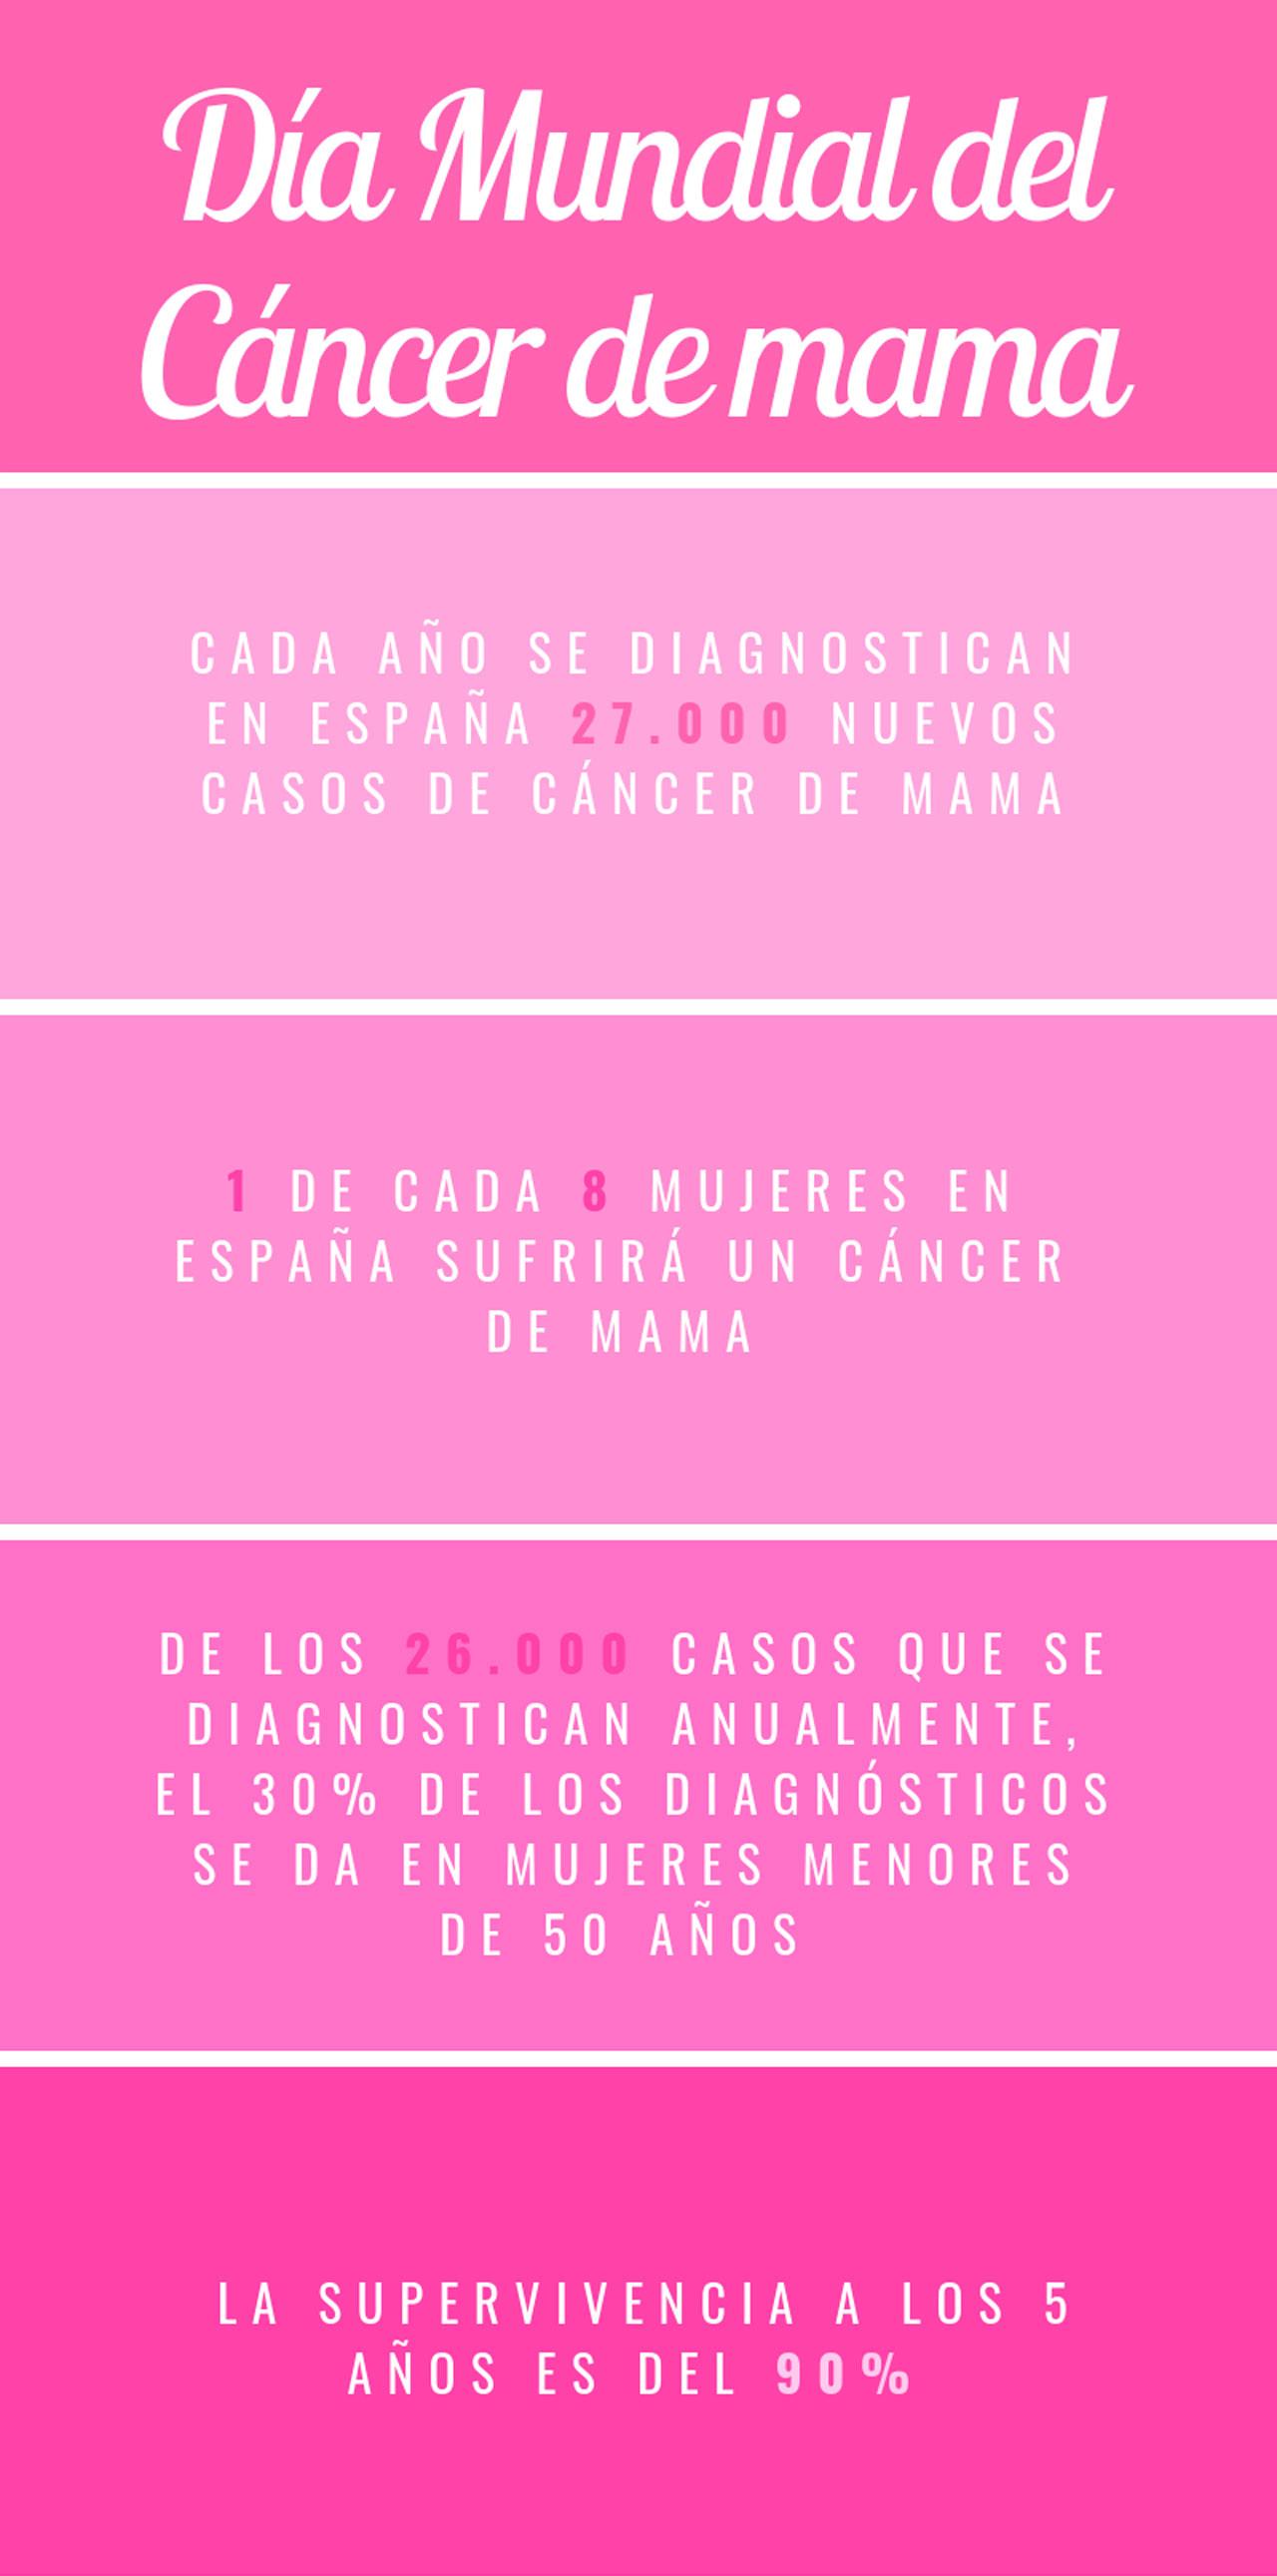 que sintomas da el cancer de mama